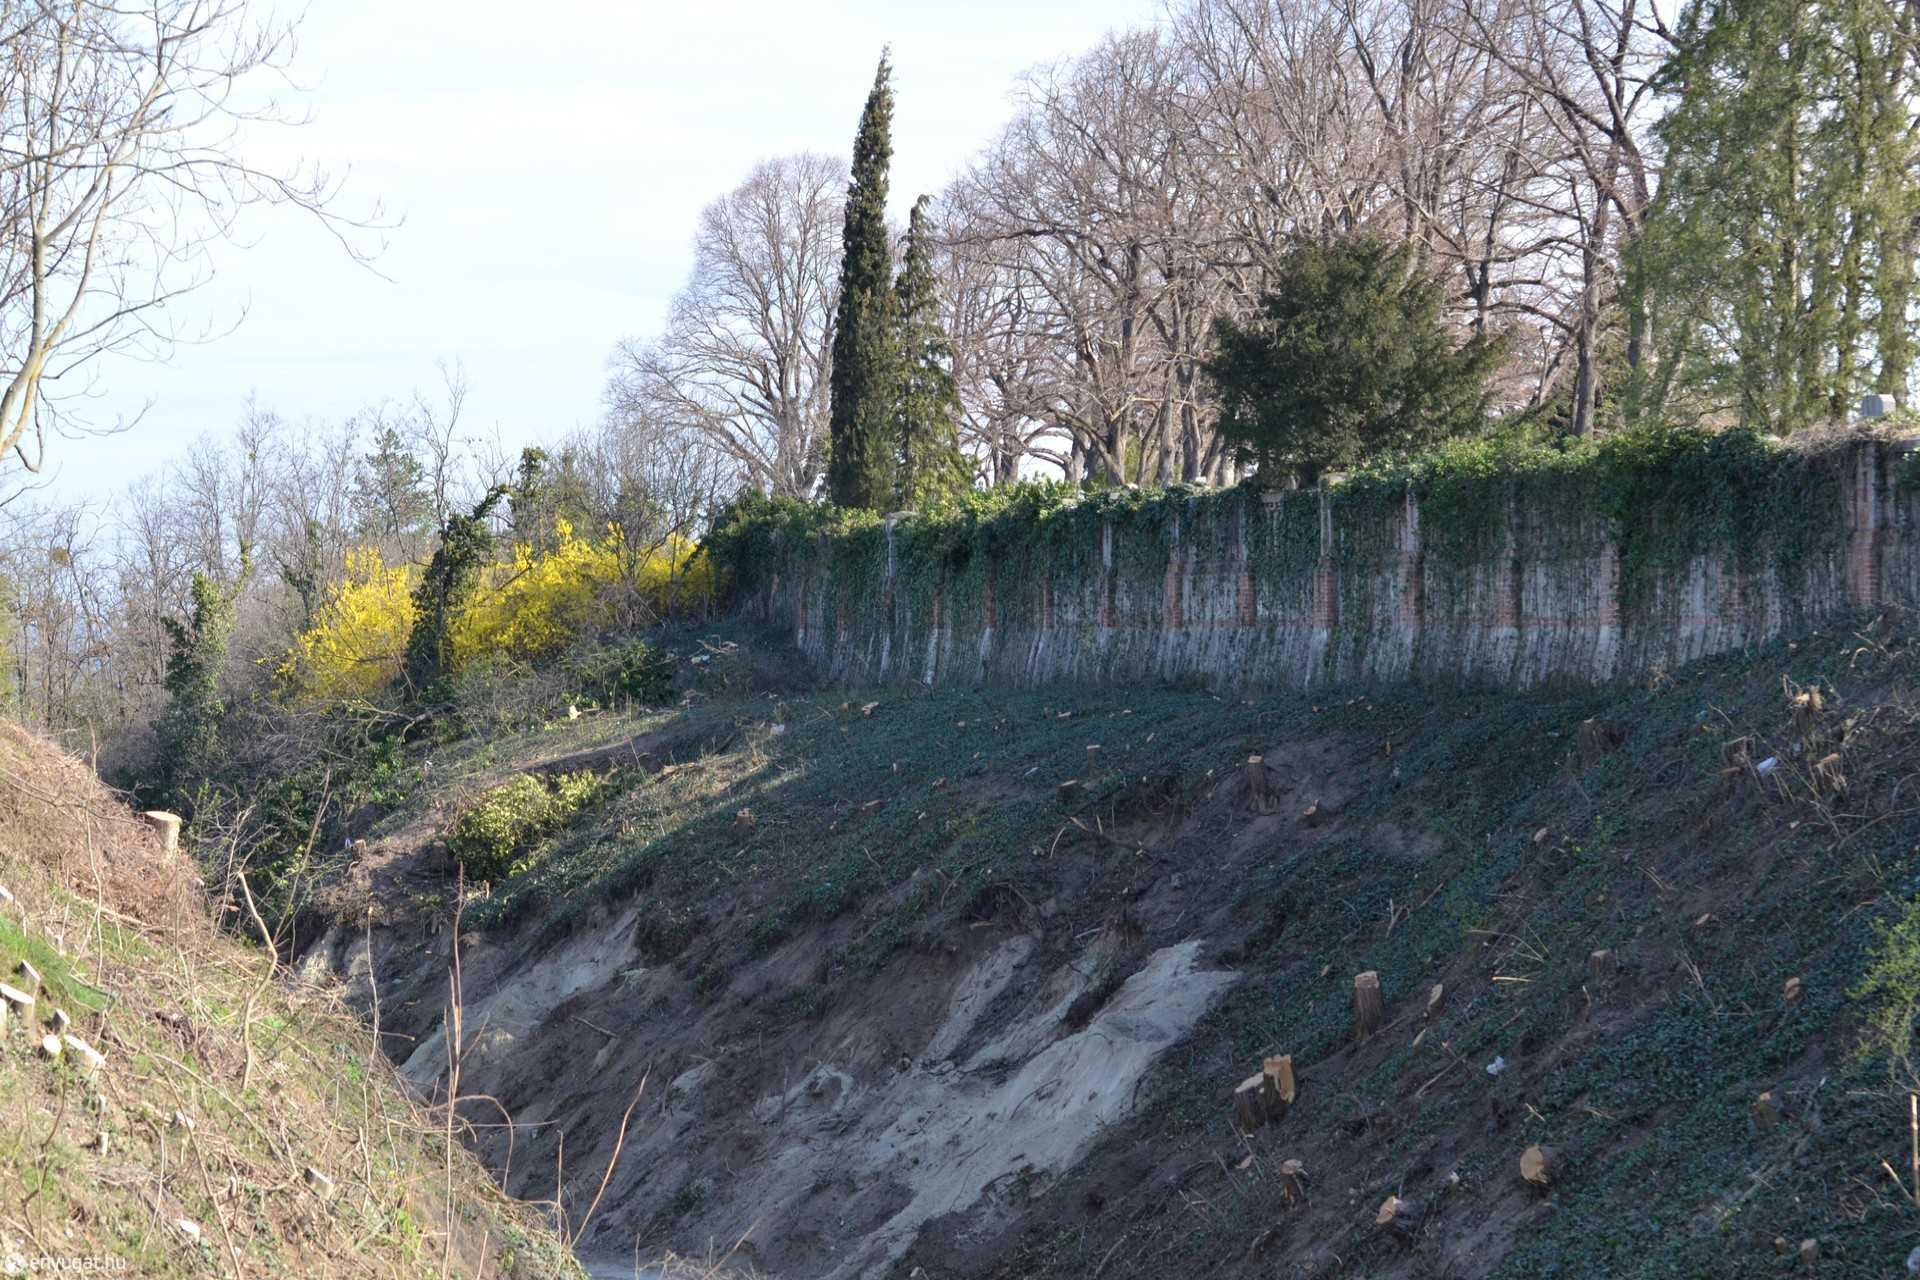 A rézsű meredek, a talaj laza, a falak pedig régiek. Azt ígérik, vigyáznak a temetőre.